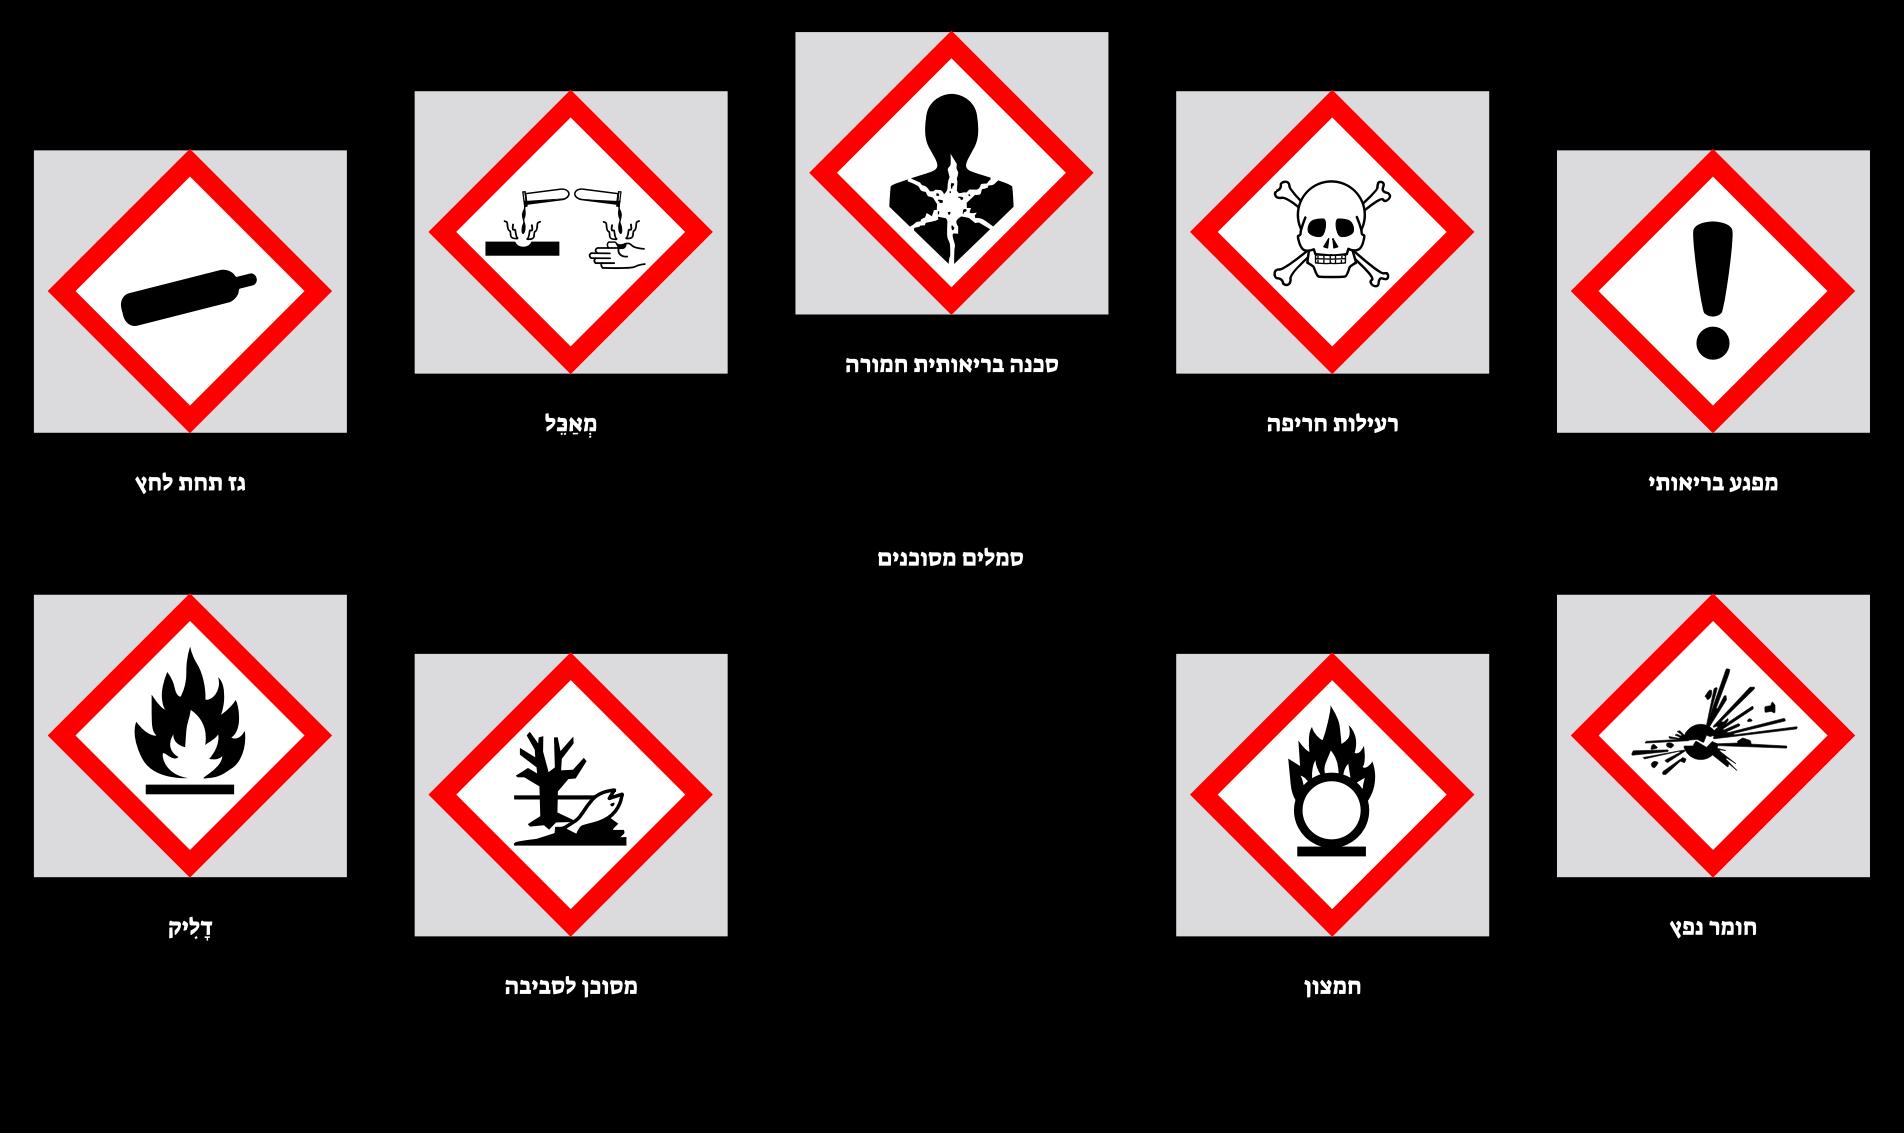 סמלים מסוכנים